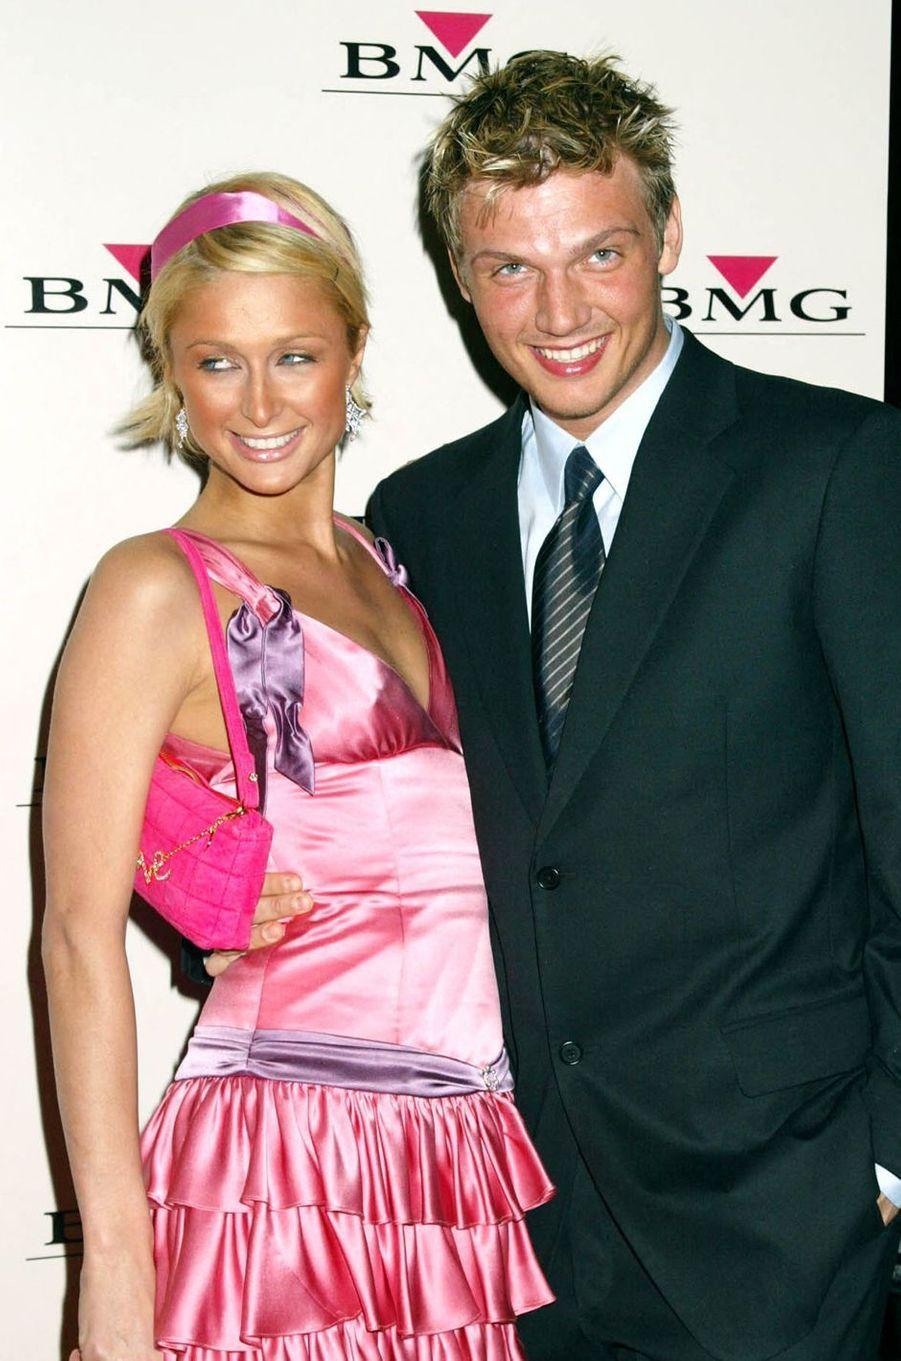 Paris Hilton et Nick Carter (chanteur des Backstreet Boys) ont eu une relation de sept mois en 2004